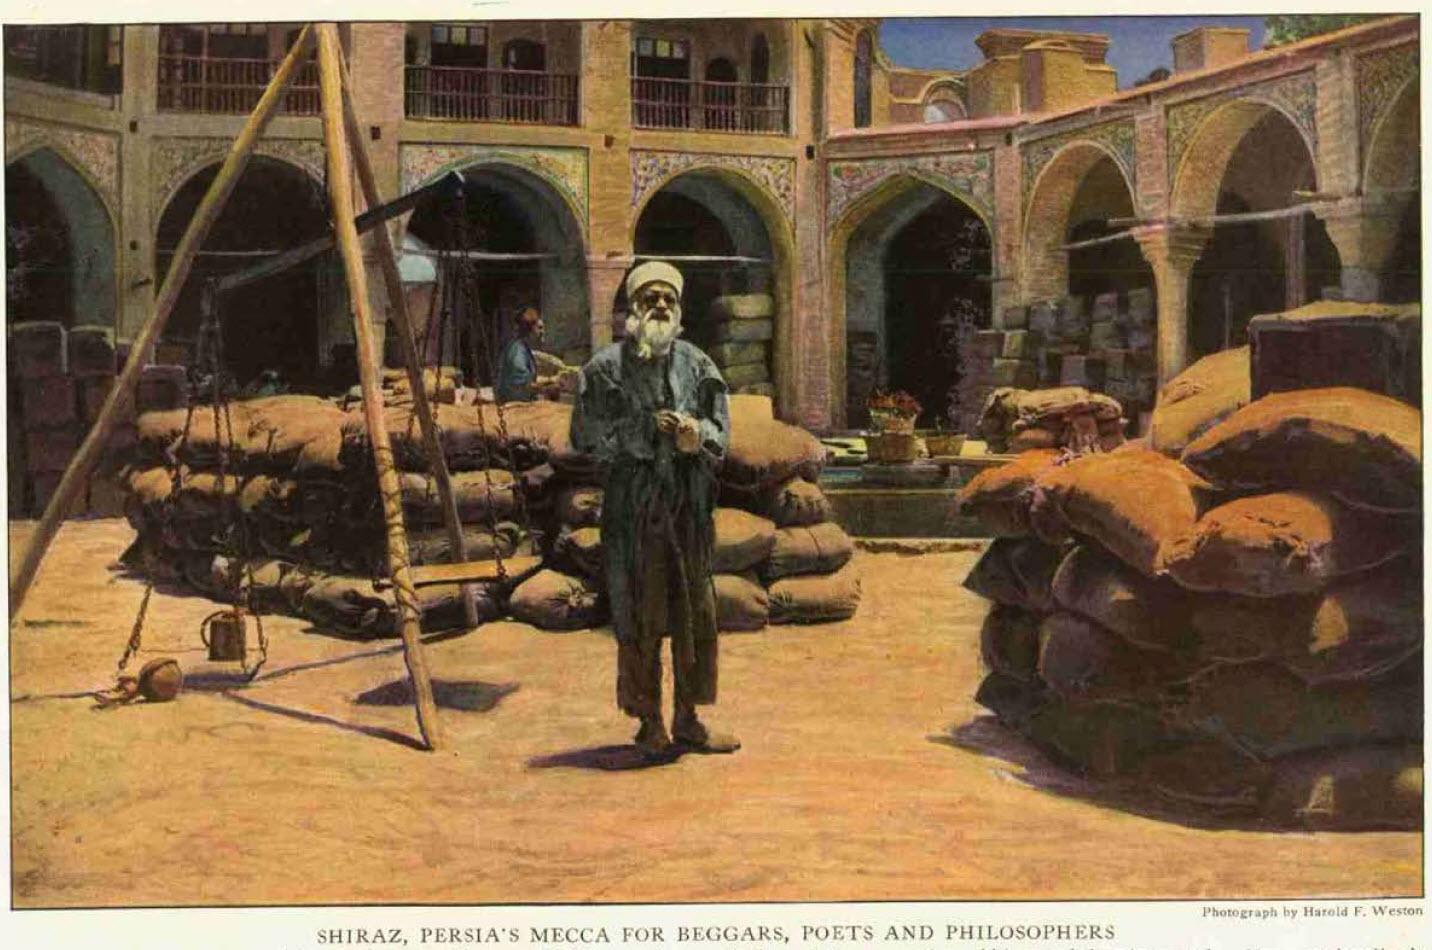 شیراز – به گفته نویسنده مقاله نشنال جئوگرافیک ممرکز تجمع گداها، شاعران و فیلسوفها